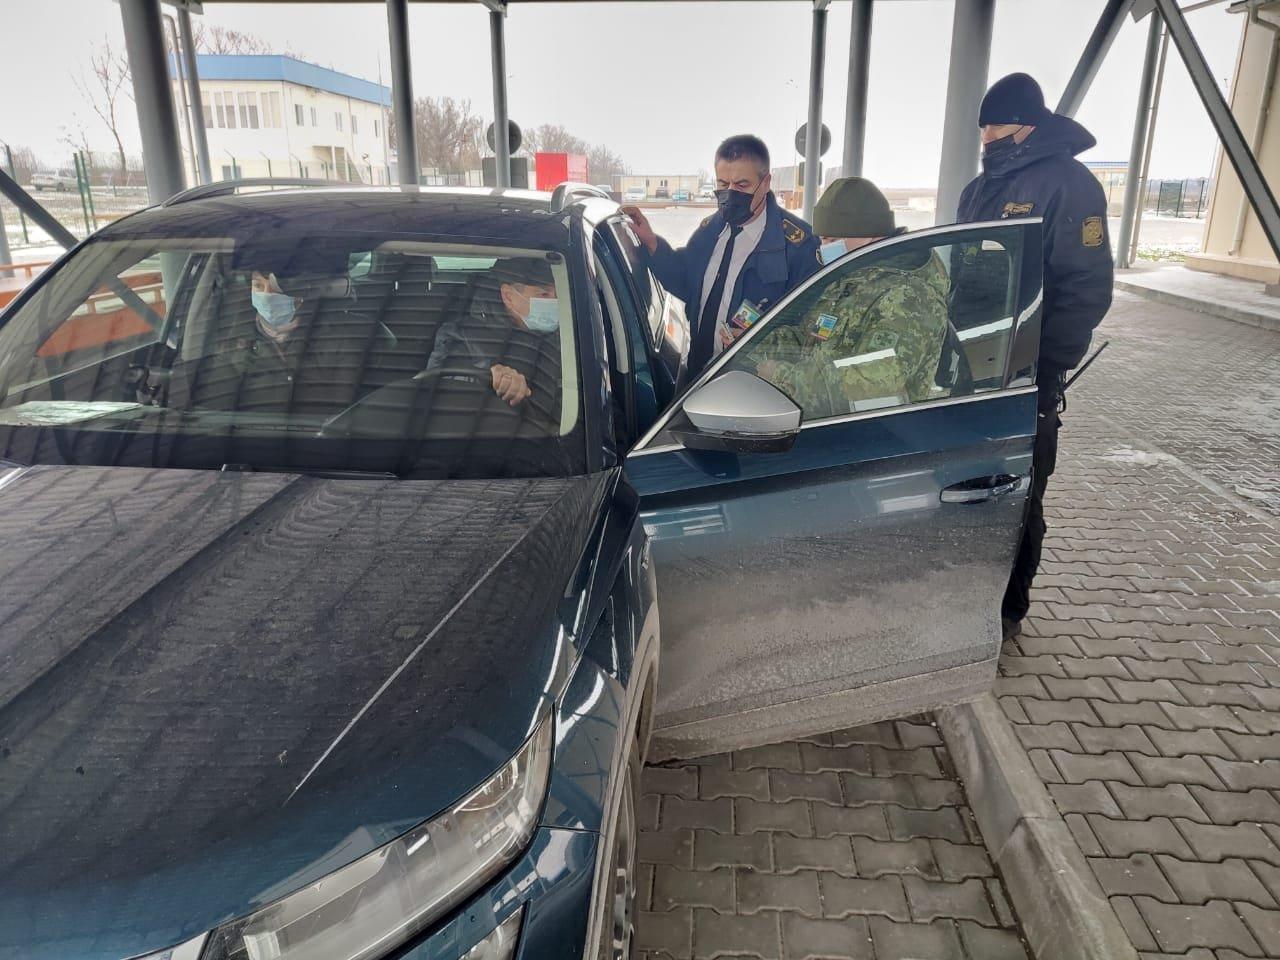 Первый автомобиль отправился в Румынию через паромный пункт пропуска в Одесской области, - ФОТО, фото-1